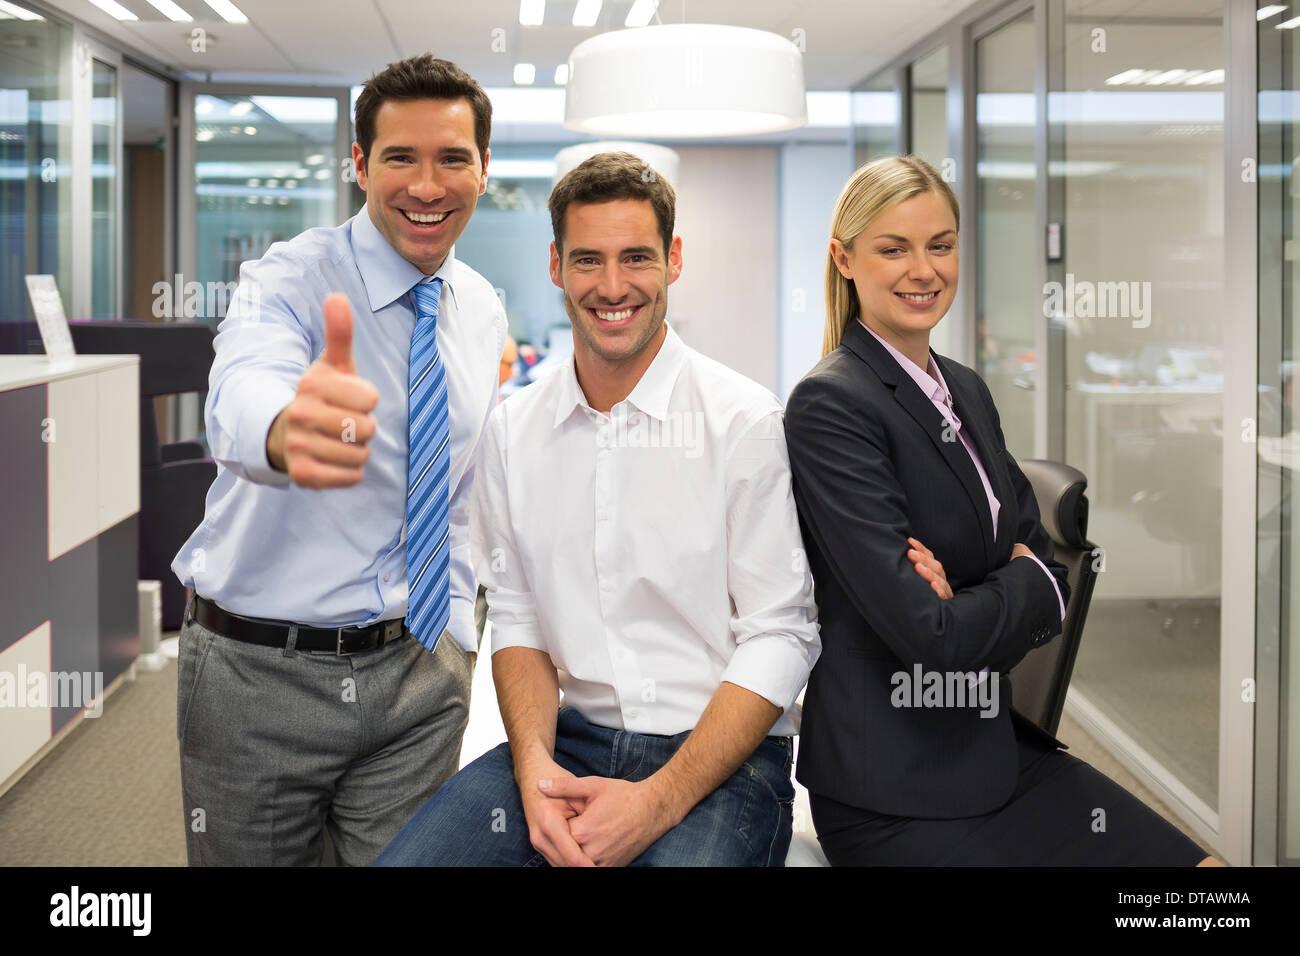 Retrato del hombre alegre equipo empresarial, mostrando el pulgar hacia arriba, fondo de oficina Imagen De Stock